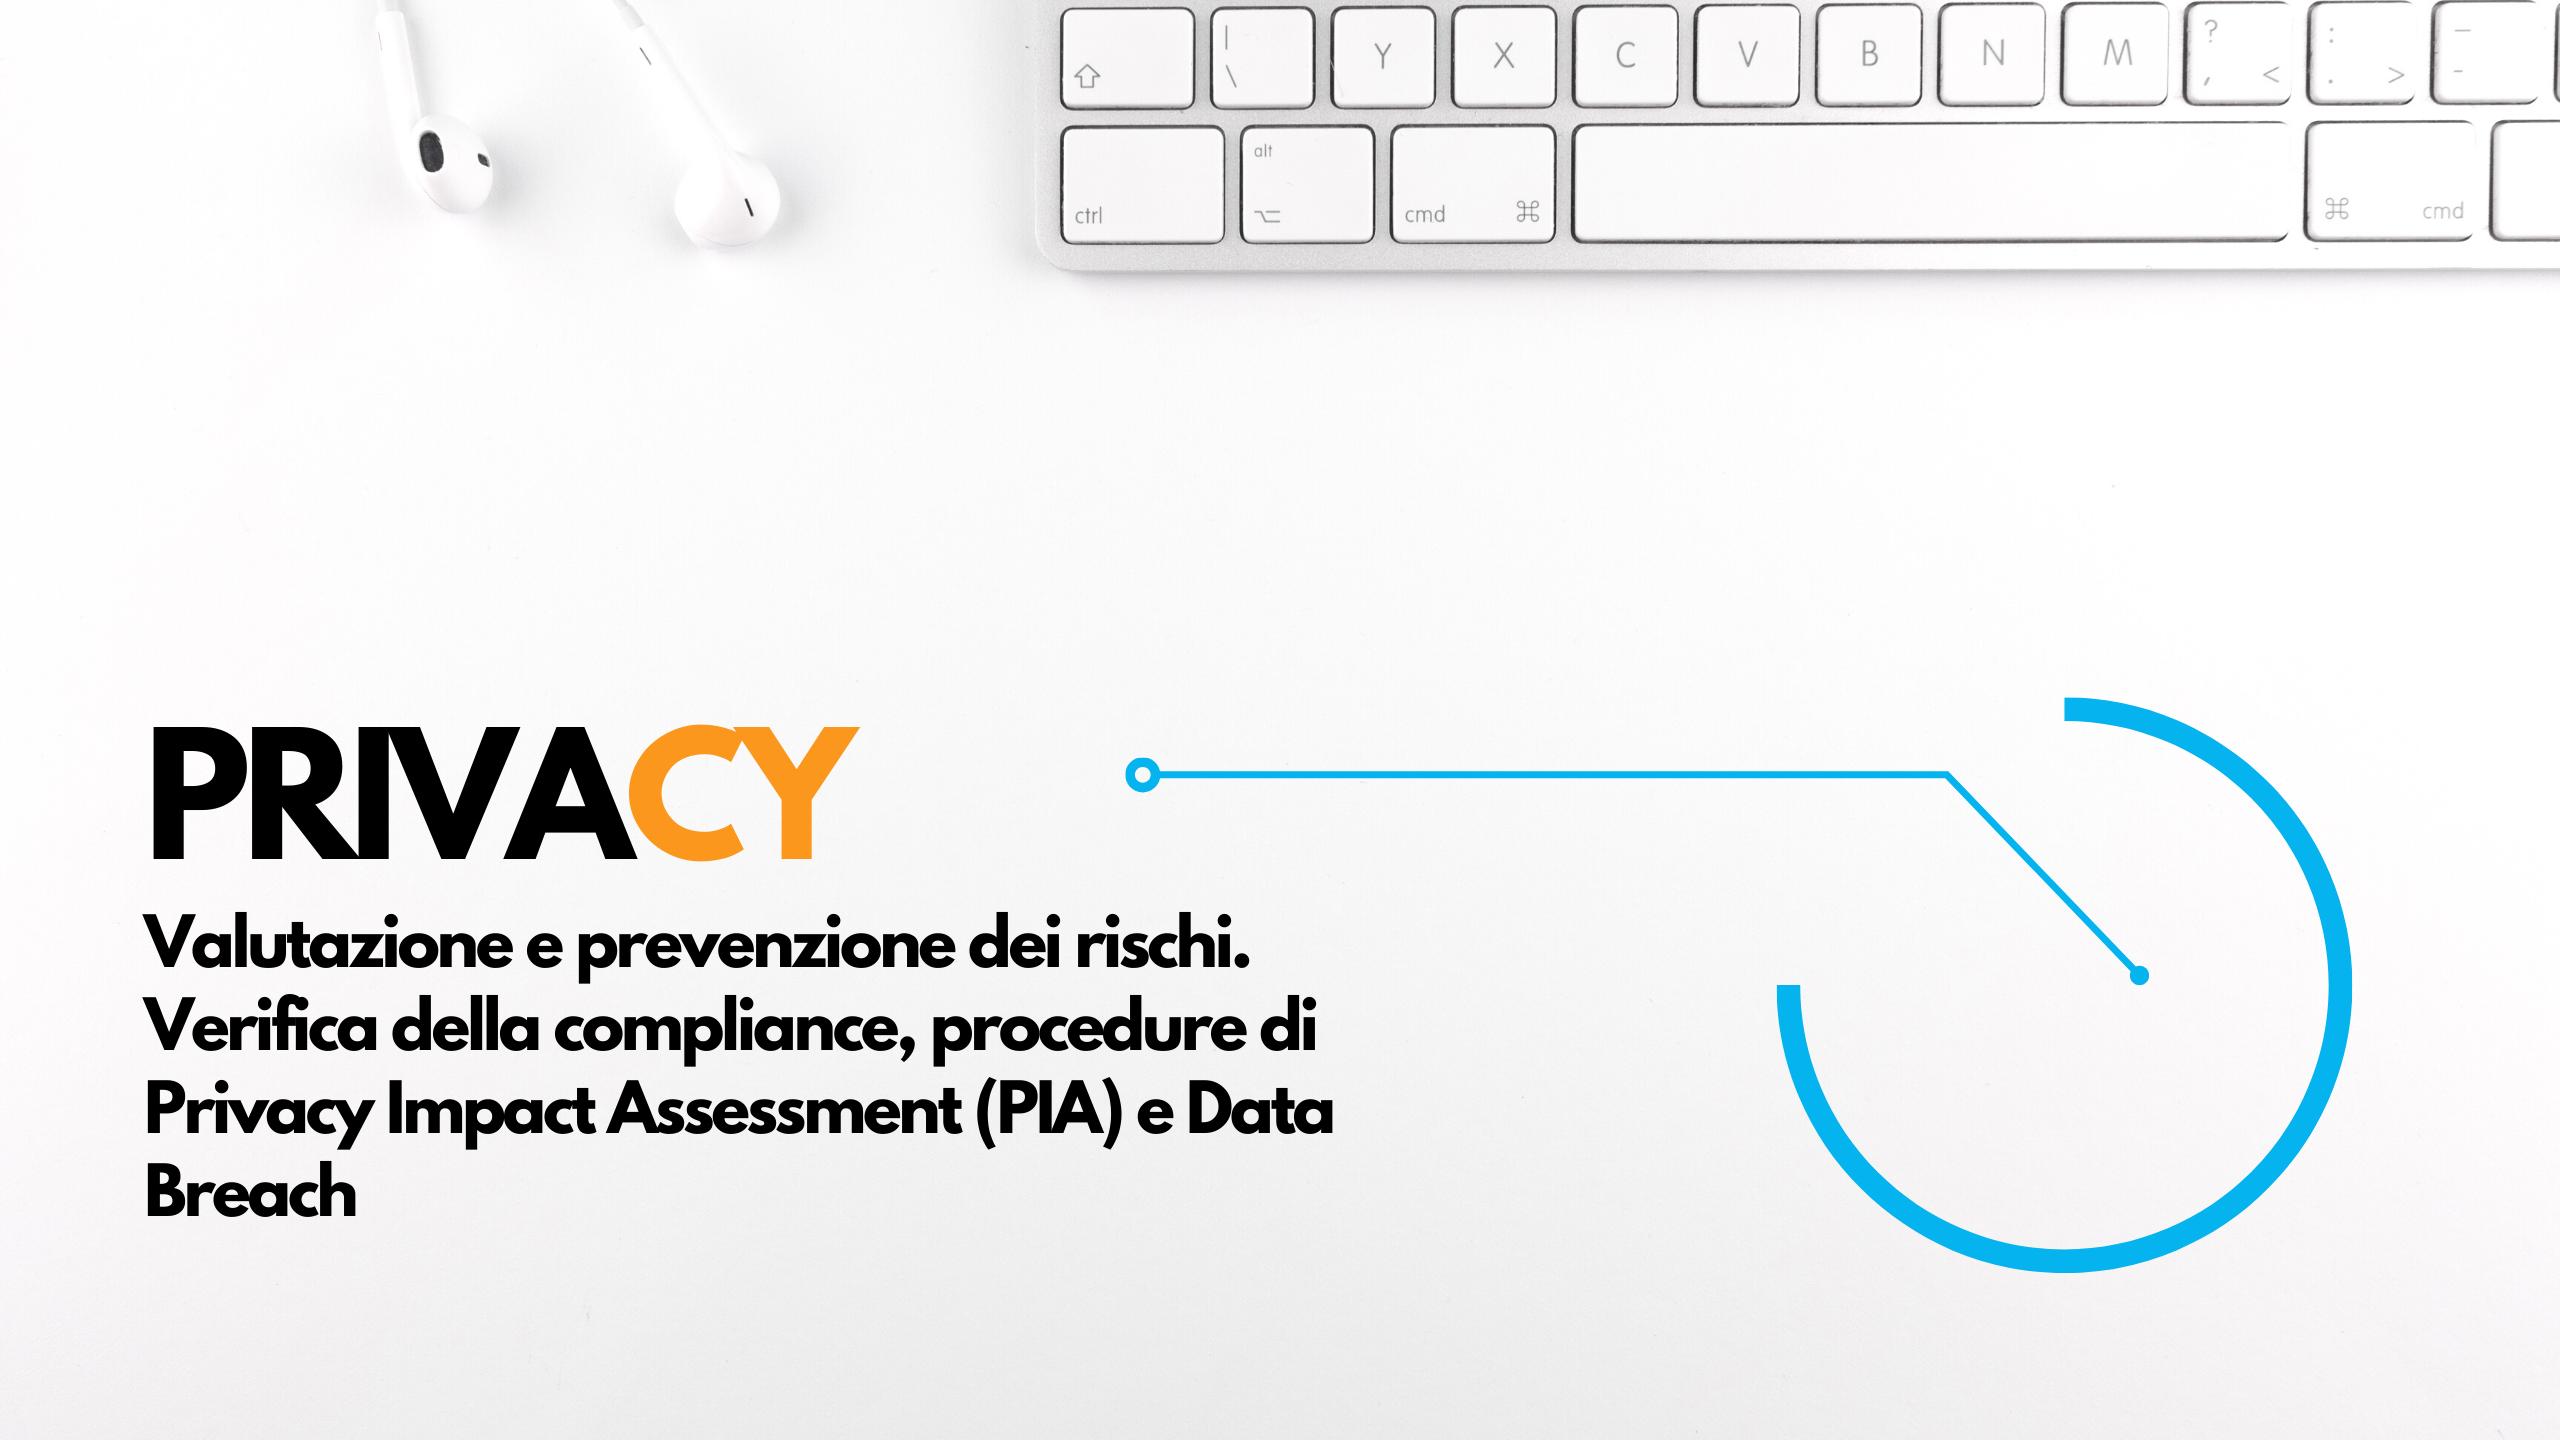 Mastercourse ANORC 2020 - Valutazione e prevenzione dei rischi. Verifica della compliance, procedure di Privacy Impact Assessment (PIA) e Data Breach - Prof. Corrado Giustozzi e Dott. Edoardo Limone